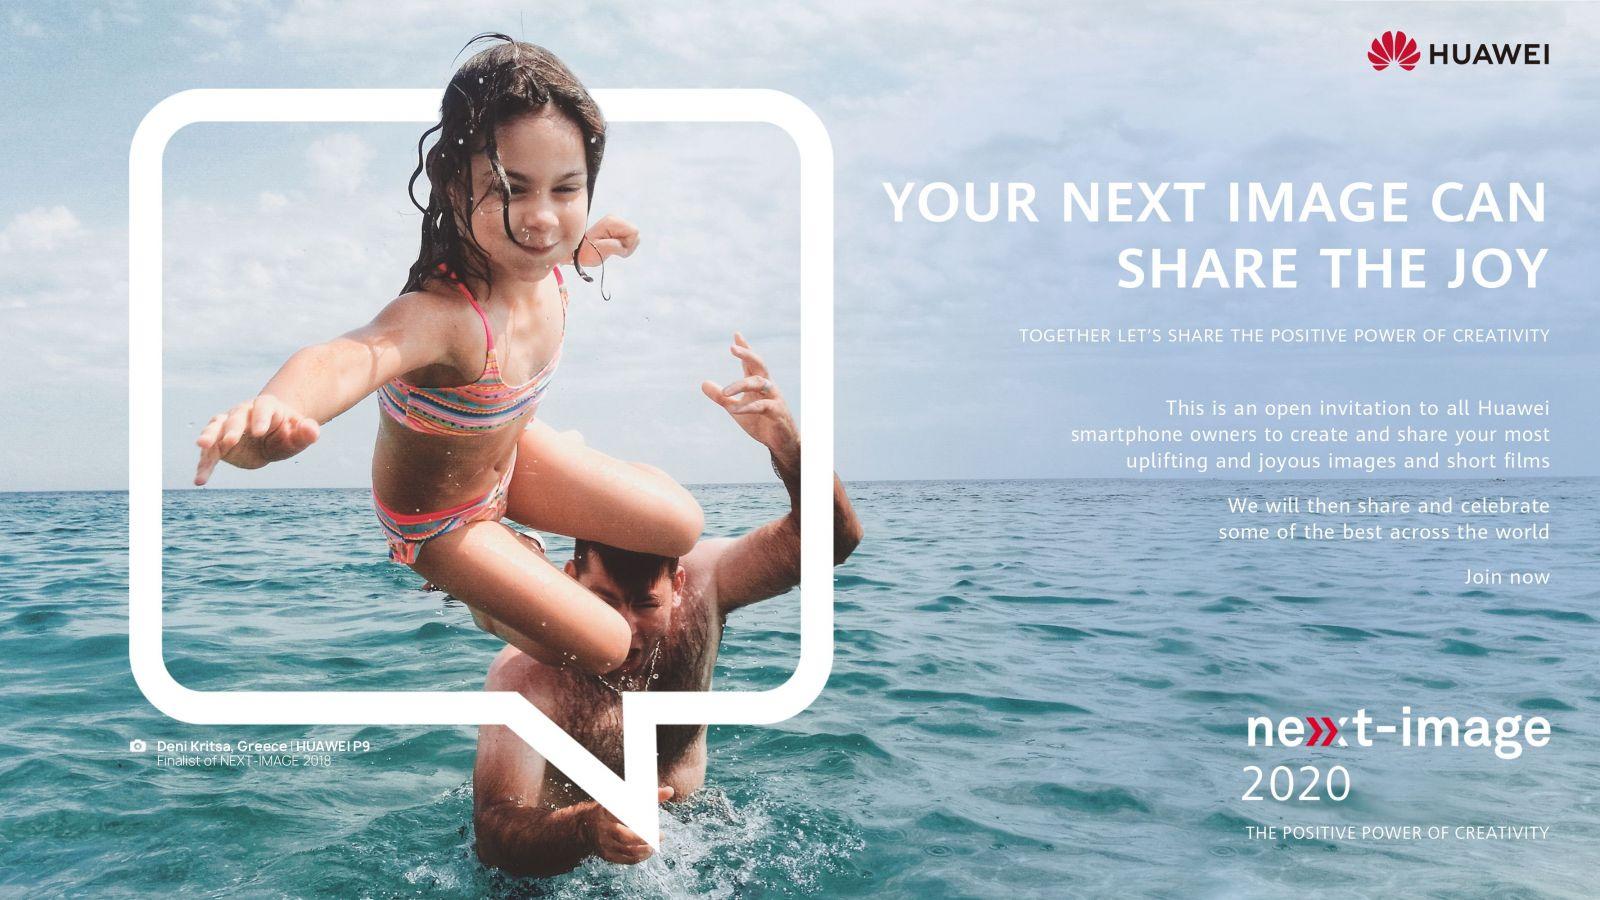 Teraz môžeš vyhrať 10 000 dolárov za jednu fotku. Stačí ak vlastníš Huawei a pochváliš sa najlepším záberom, ktorý si s ním urobil